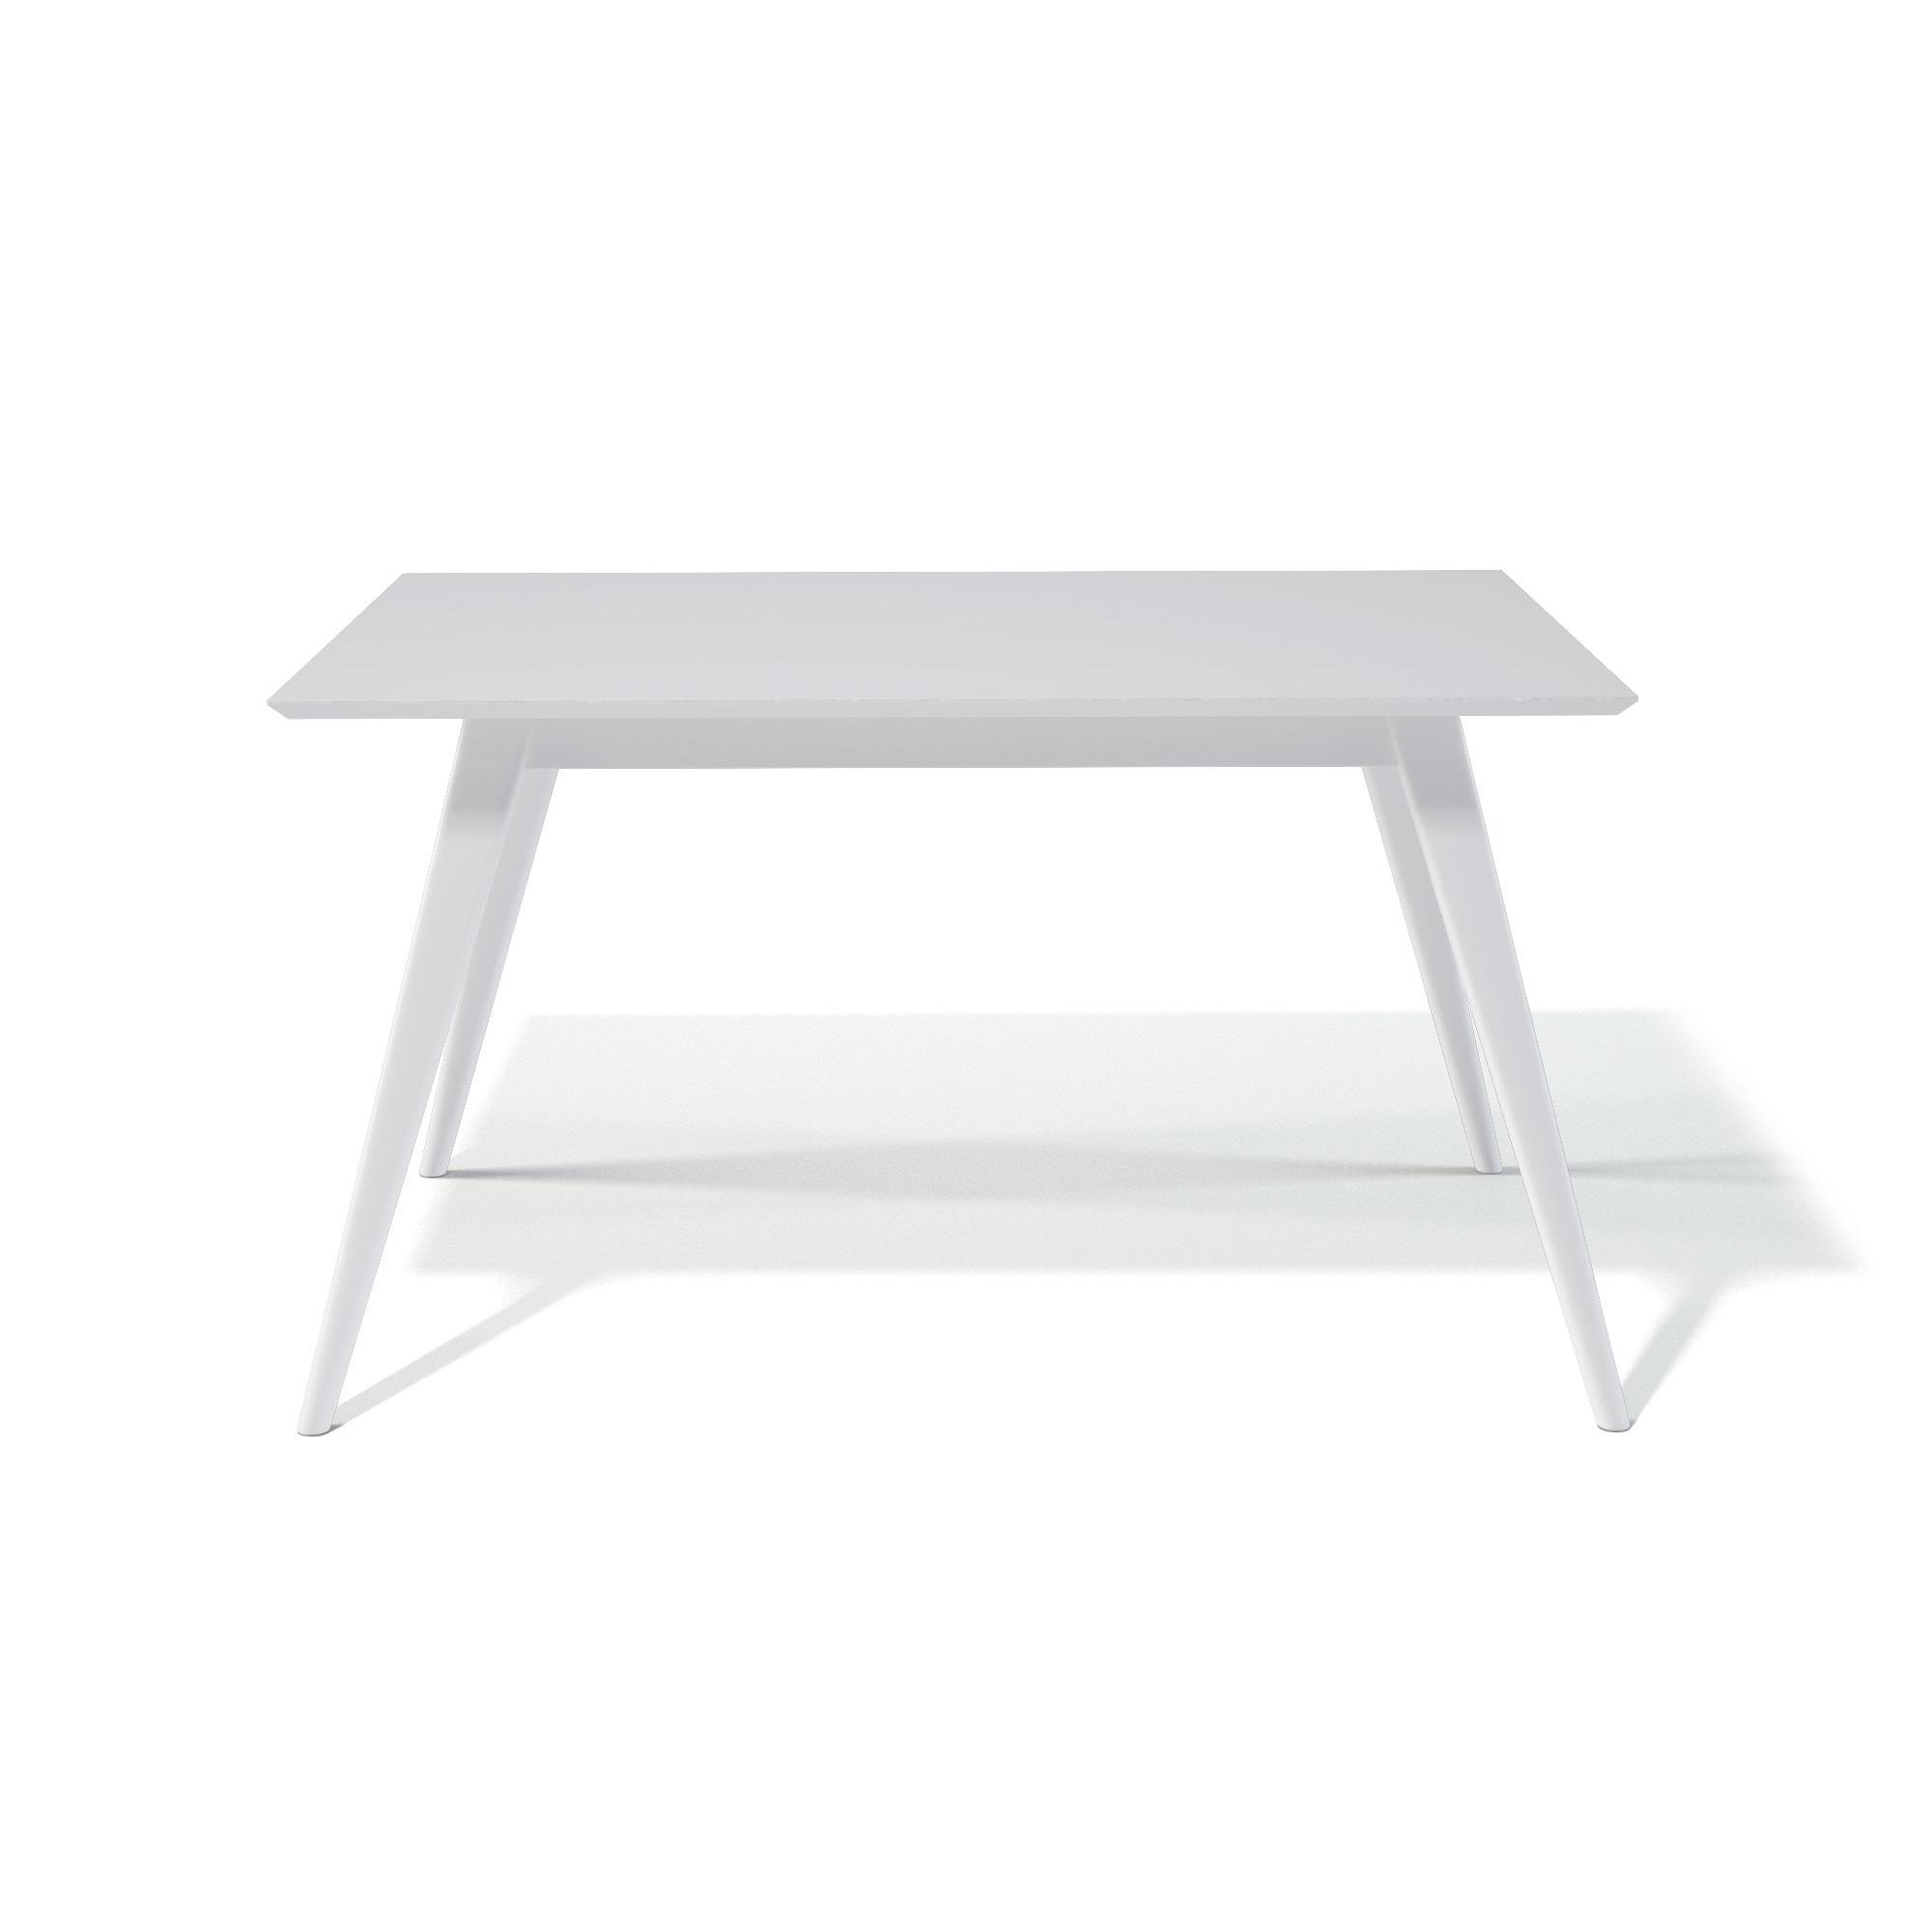 Стол обеденный KennerОбеденные столы<br>Столешница выполнена из МДФ + натуральный шпон дуба.&amp;lt;div&amp;gt;Основание выполнено массива бука.&amp;amp;nbsp;&amp;lt;/div&amp;gt;&amp;lt;div&amp;gt;Механизм раскладки синхронный, лёгкого скольжения&amp;amp;nbsp;&amp;lt;/div&amp;gt;&amp;lt;div&amp;gt;В разложенном виде: 180х90 см.&amp;amp;nbsp;&amp;lt;/div&amp;gt;&amp;lt;div&amp;gt;Вставка &amp;quot;бабочка&amp;quot; шириной 40 см также с натуральным шпоном дуба.&amp;amp;nbsp;&amp;lt;/div&amp;gt;&amp;lt;div&amp;gt;За таким столом могут свободно разместиться от 6 до 10 человек.&amp;lt;/div&amp;gt;<br><br>Material: Дерево